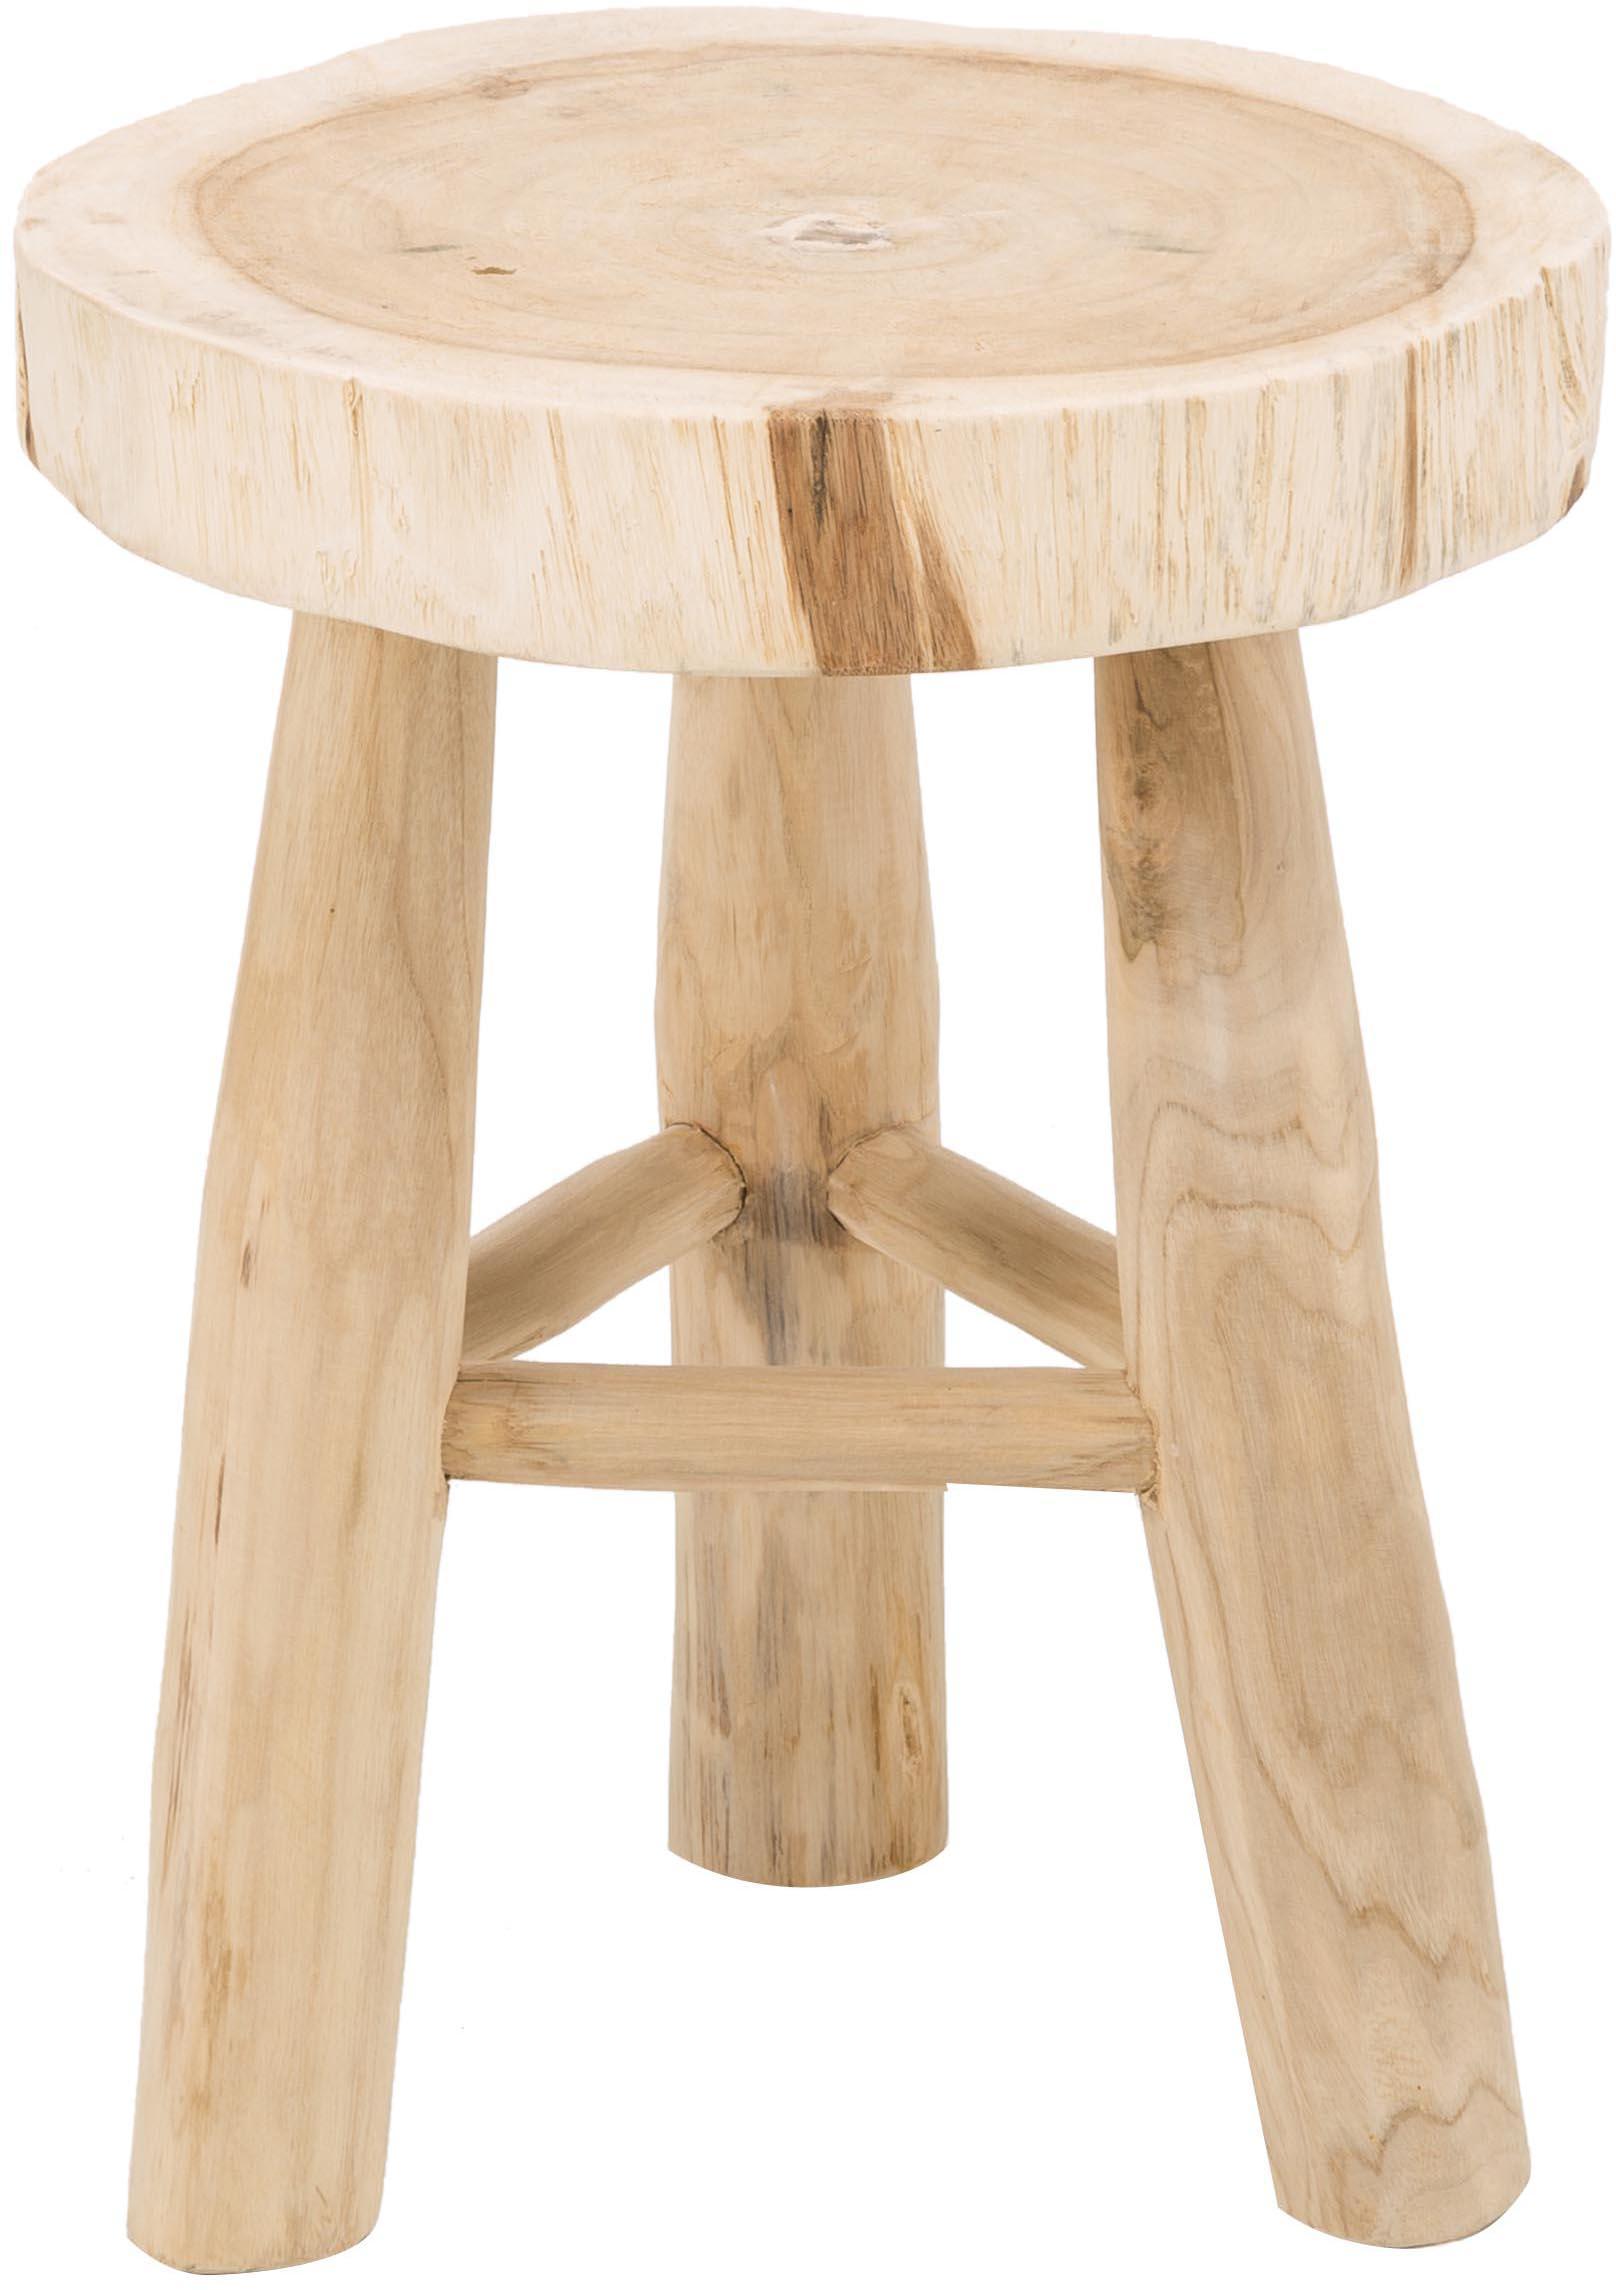 Sgabello rotondo in legno Beachside, Legno di mungur, finitura naturale, Marrone chiaro, Ø 40 x Alt. 50 cm